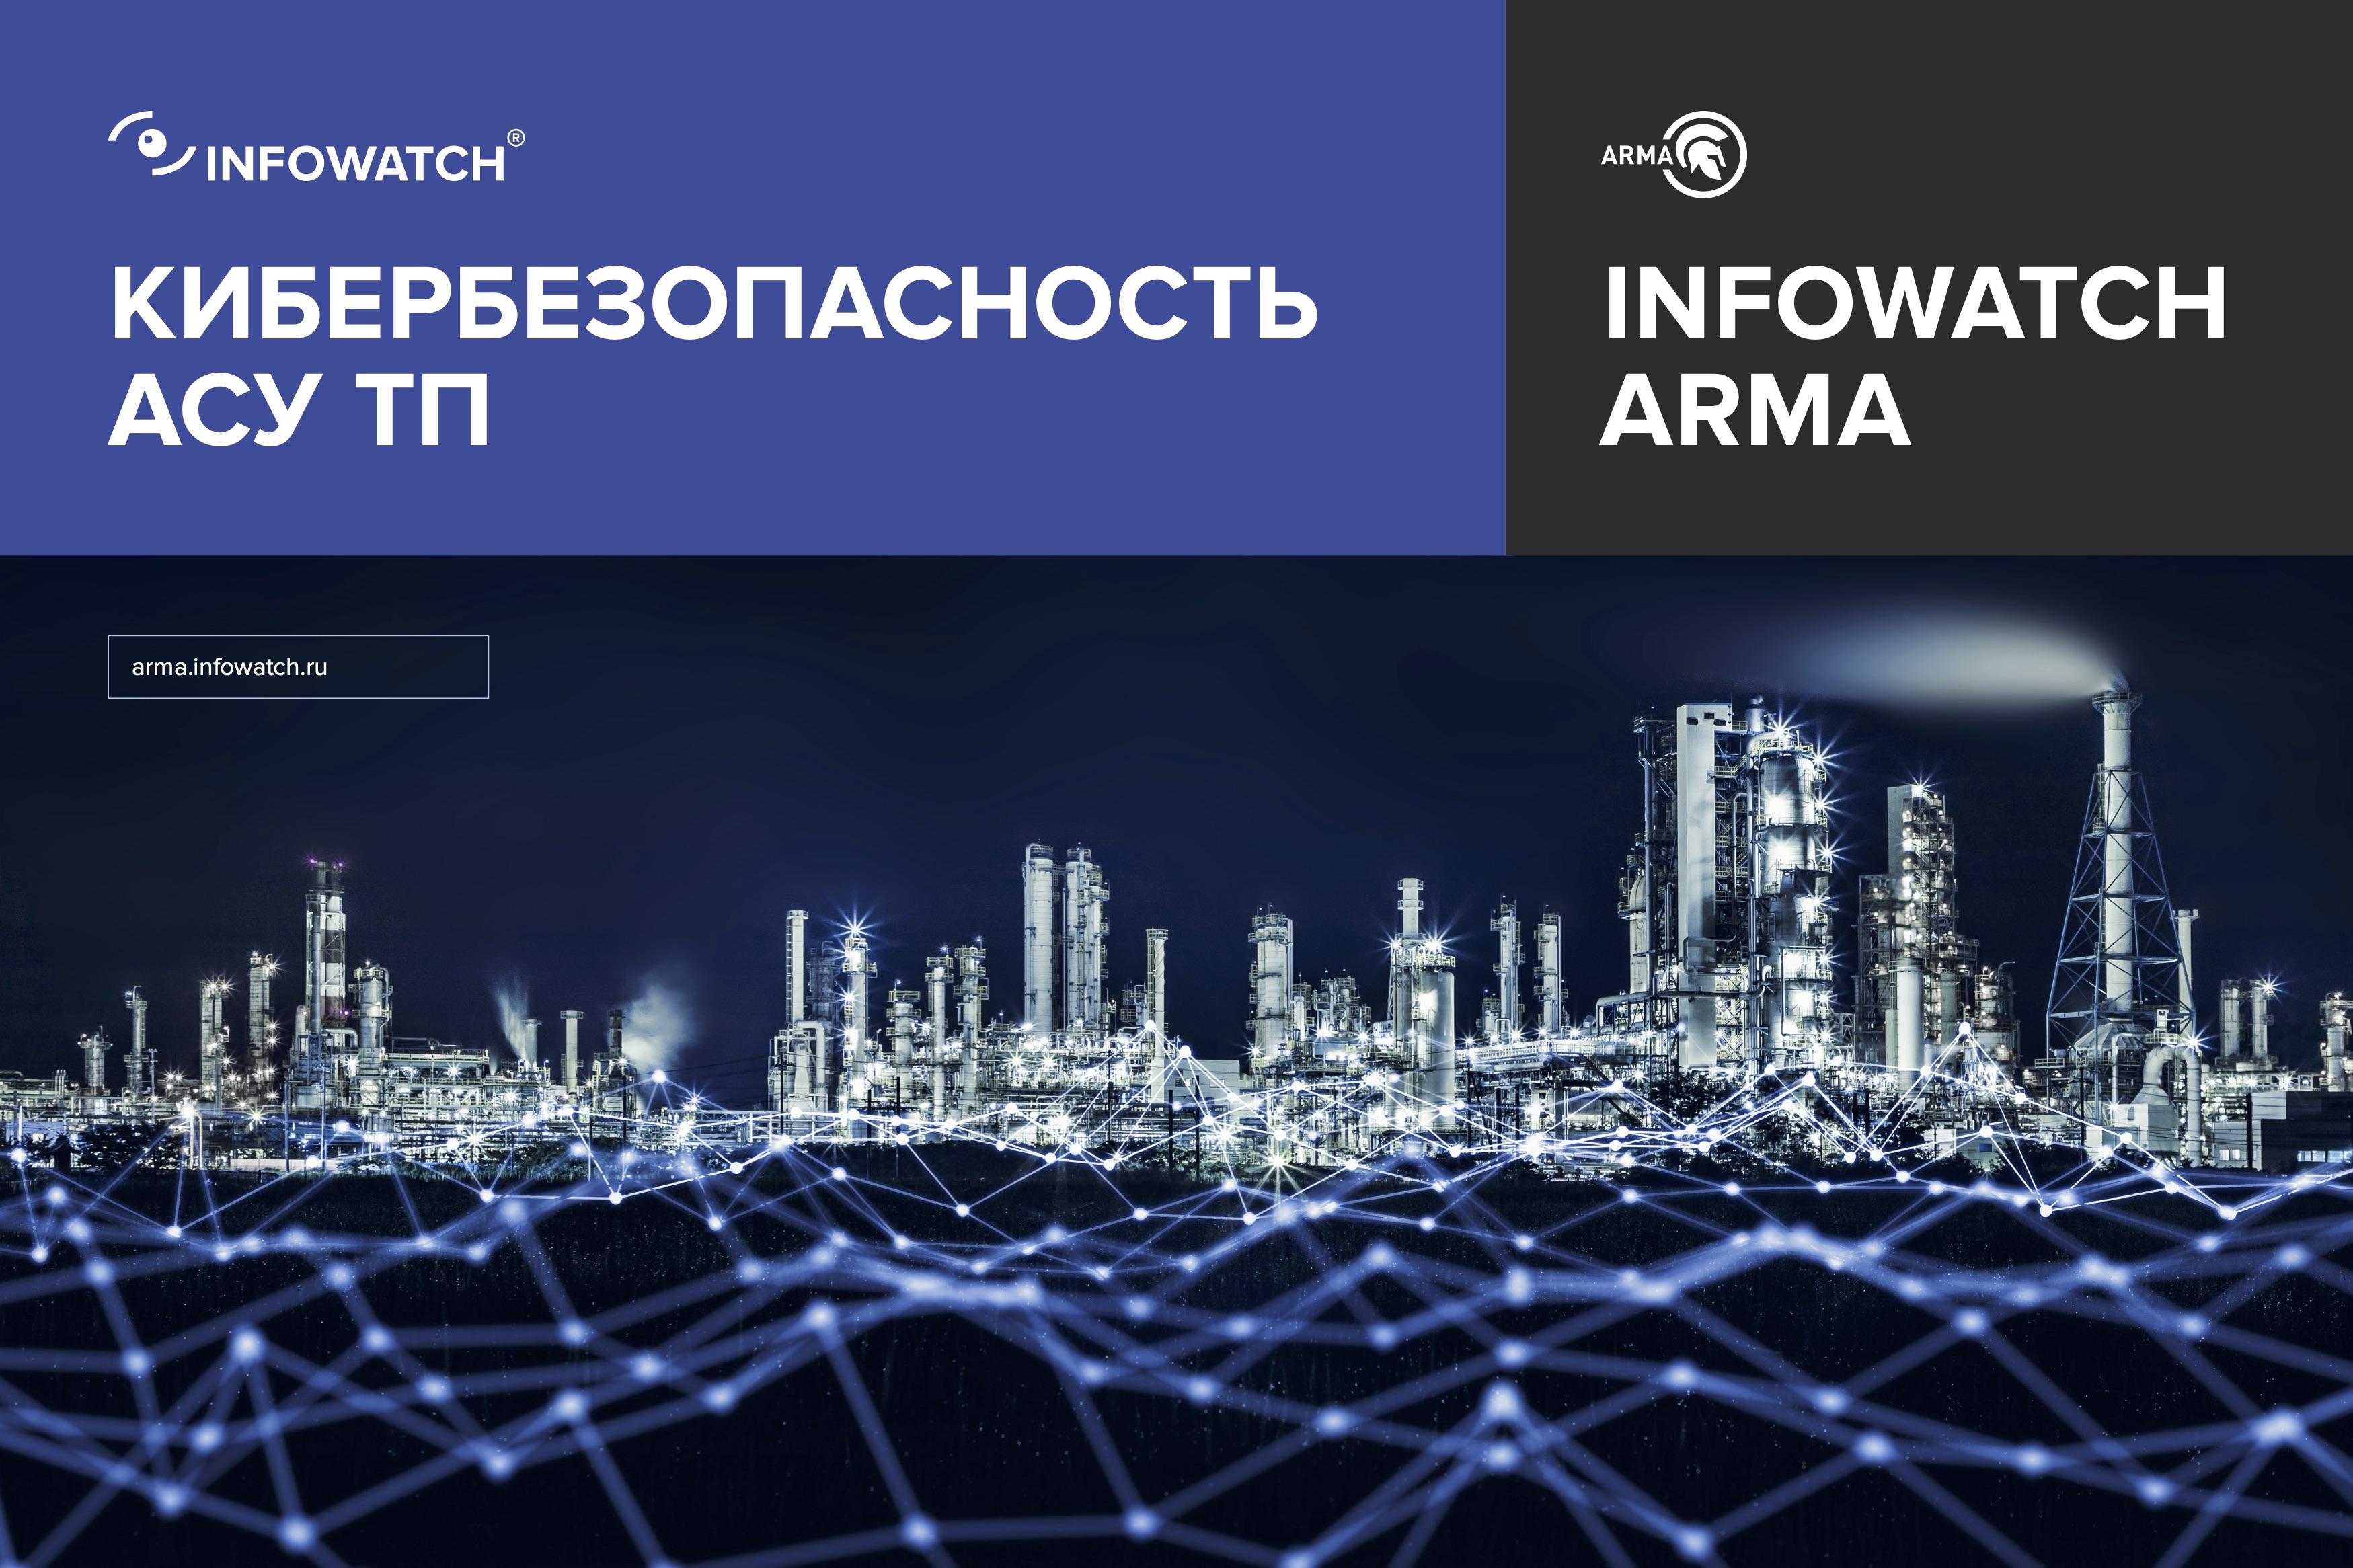 iw_arma_presentation_0920